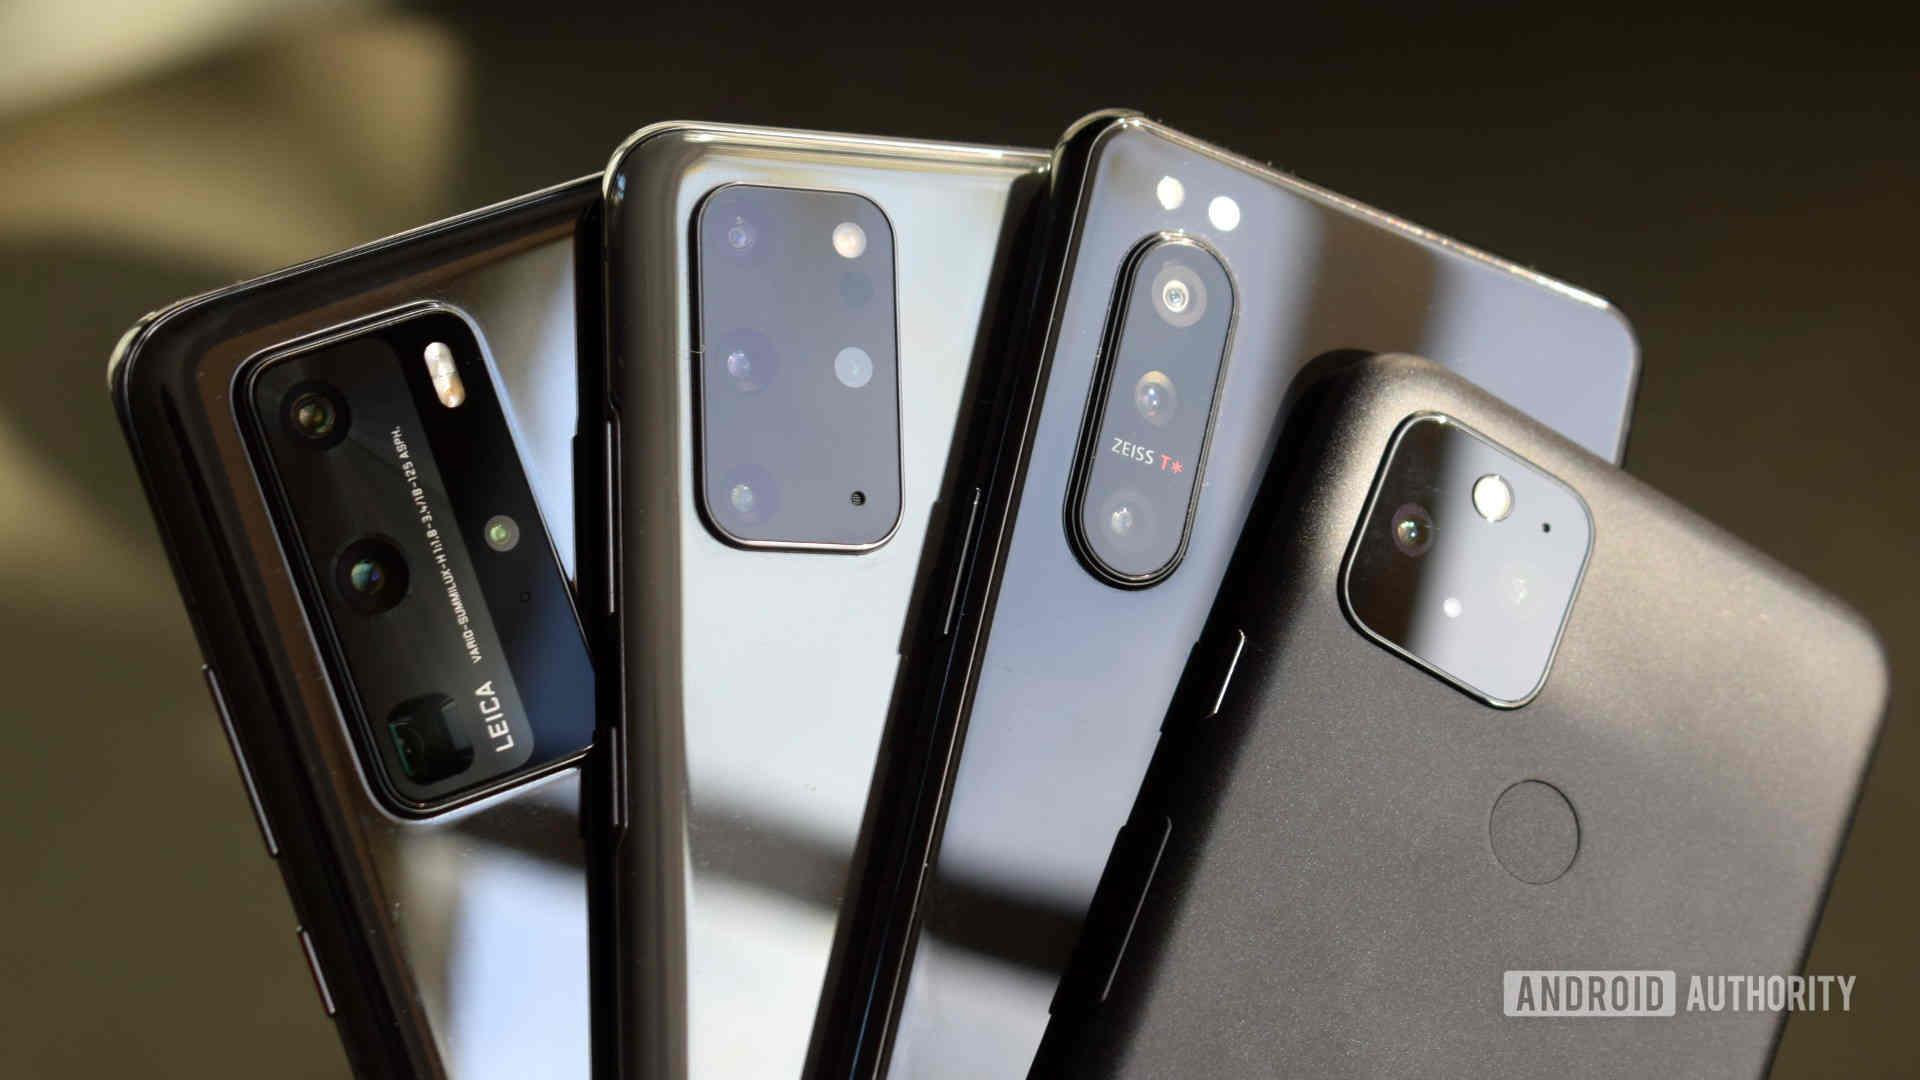 Ảnh chụp từ Xperia 5 II được thích hơn Galaxy S20 Plus, Google Pixel 5 gây thất vọng